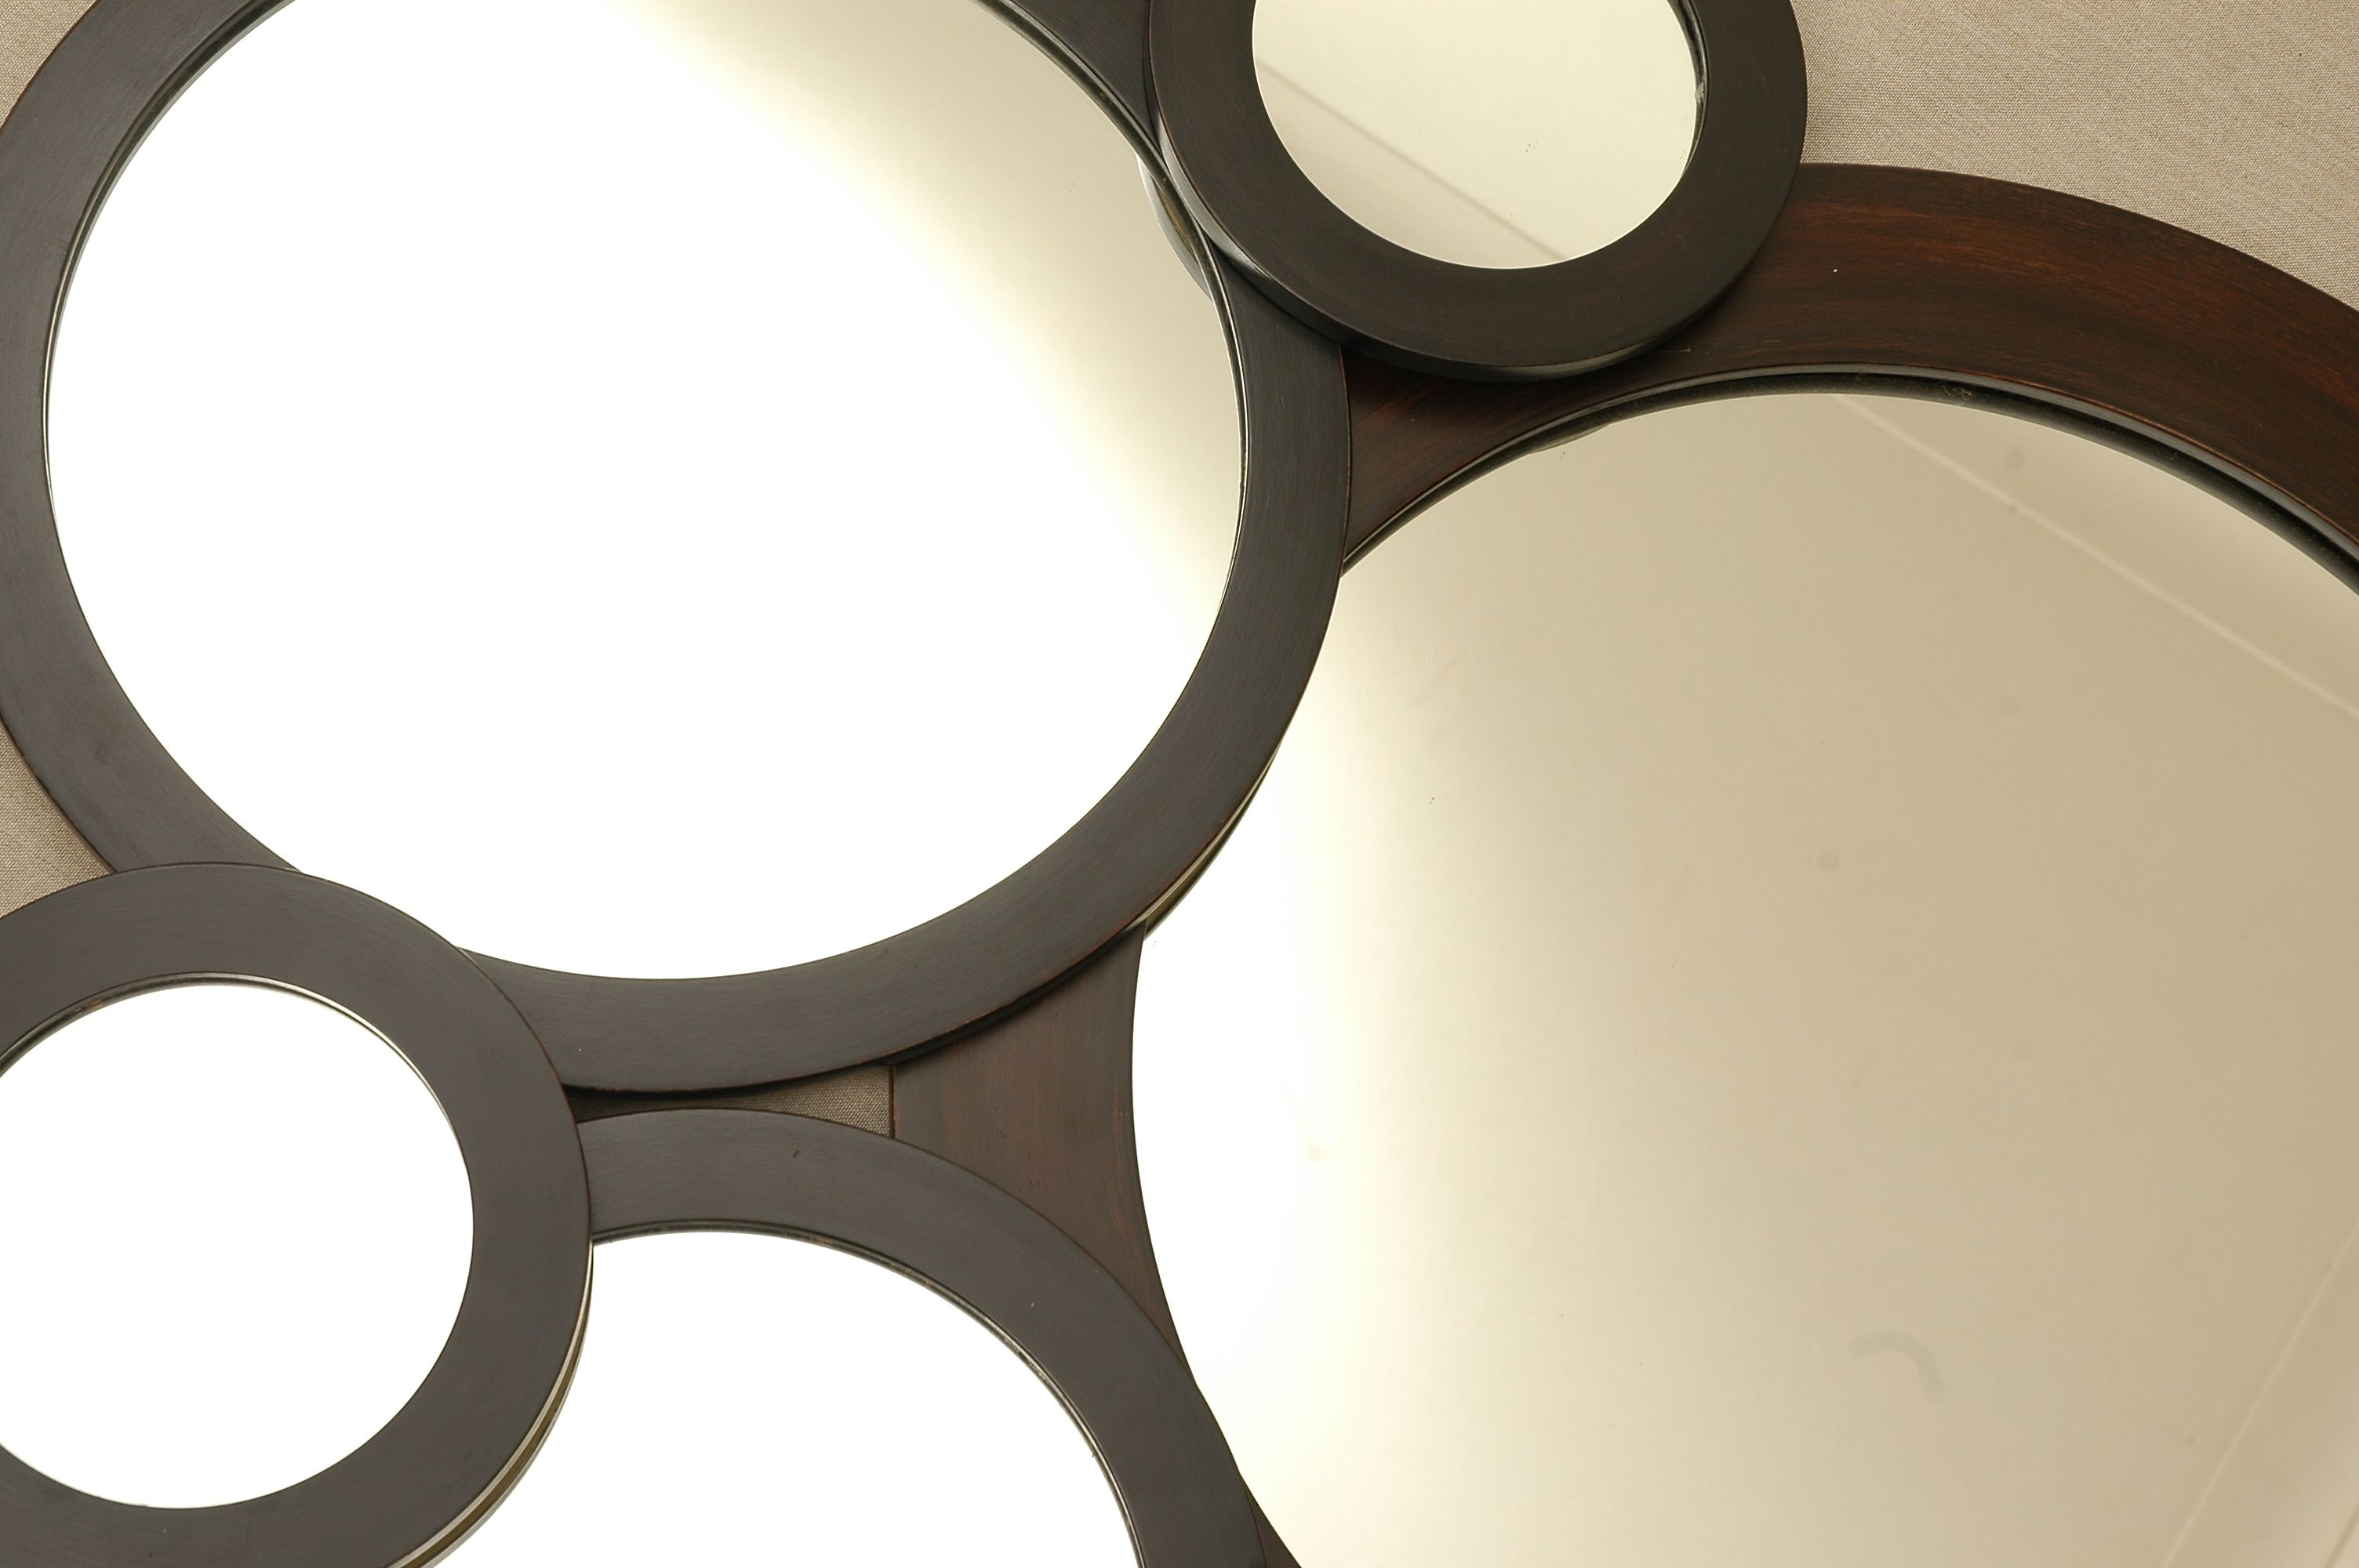 Espejos redondos con marco de madera espejos for Espejos circulares pared